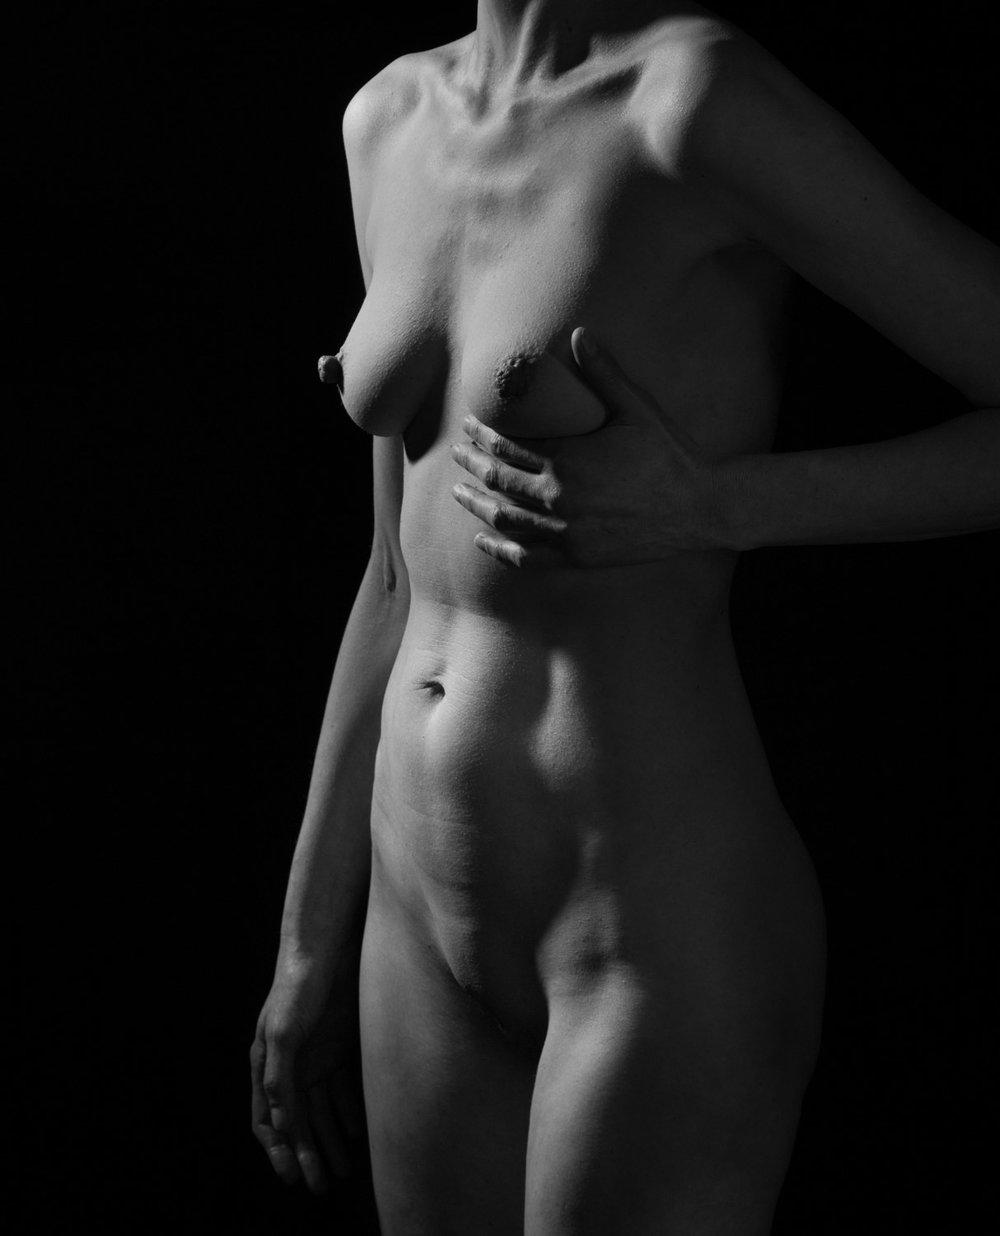 Smartfocus-naakt-en-erotische-fotografie-Zeist-52.jpg